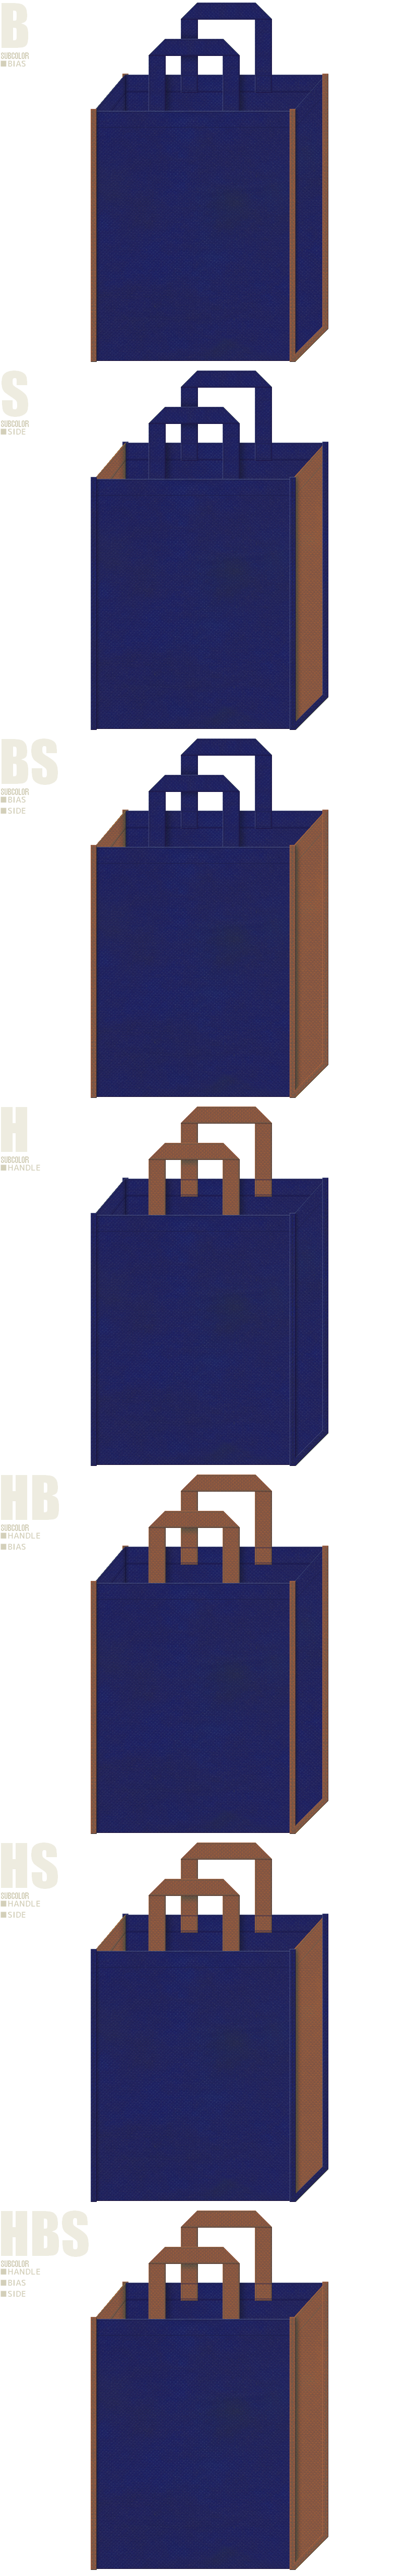 不織布バッグのデザイン:明るい紺色と茶色の配色7パターン